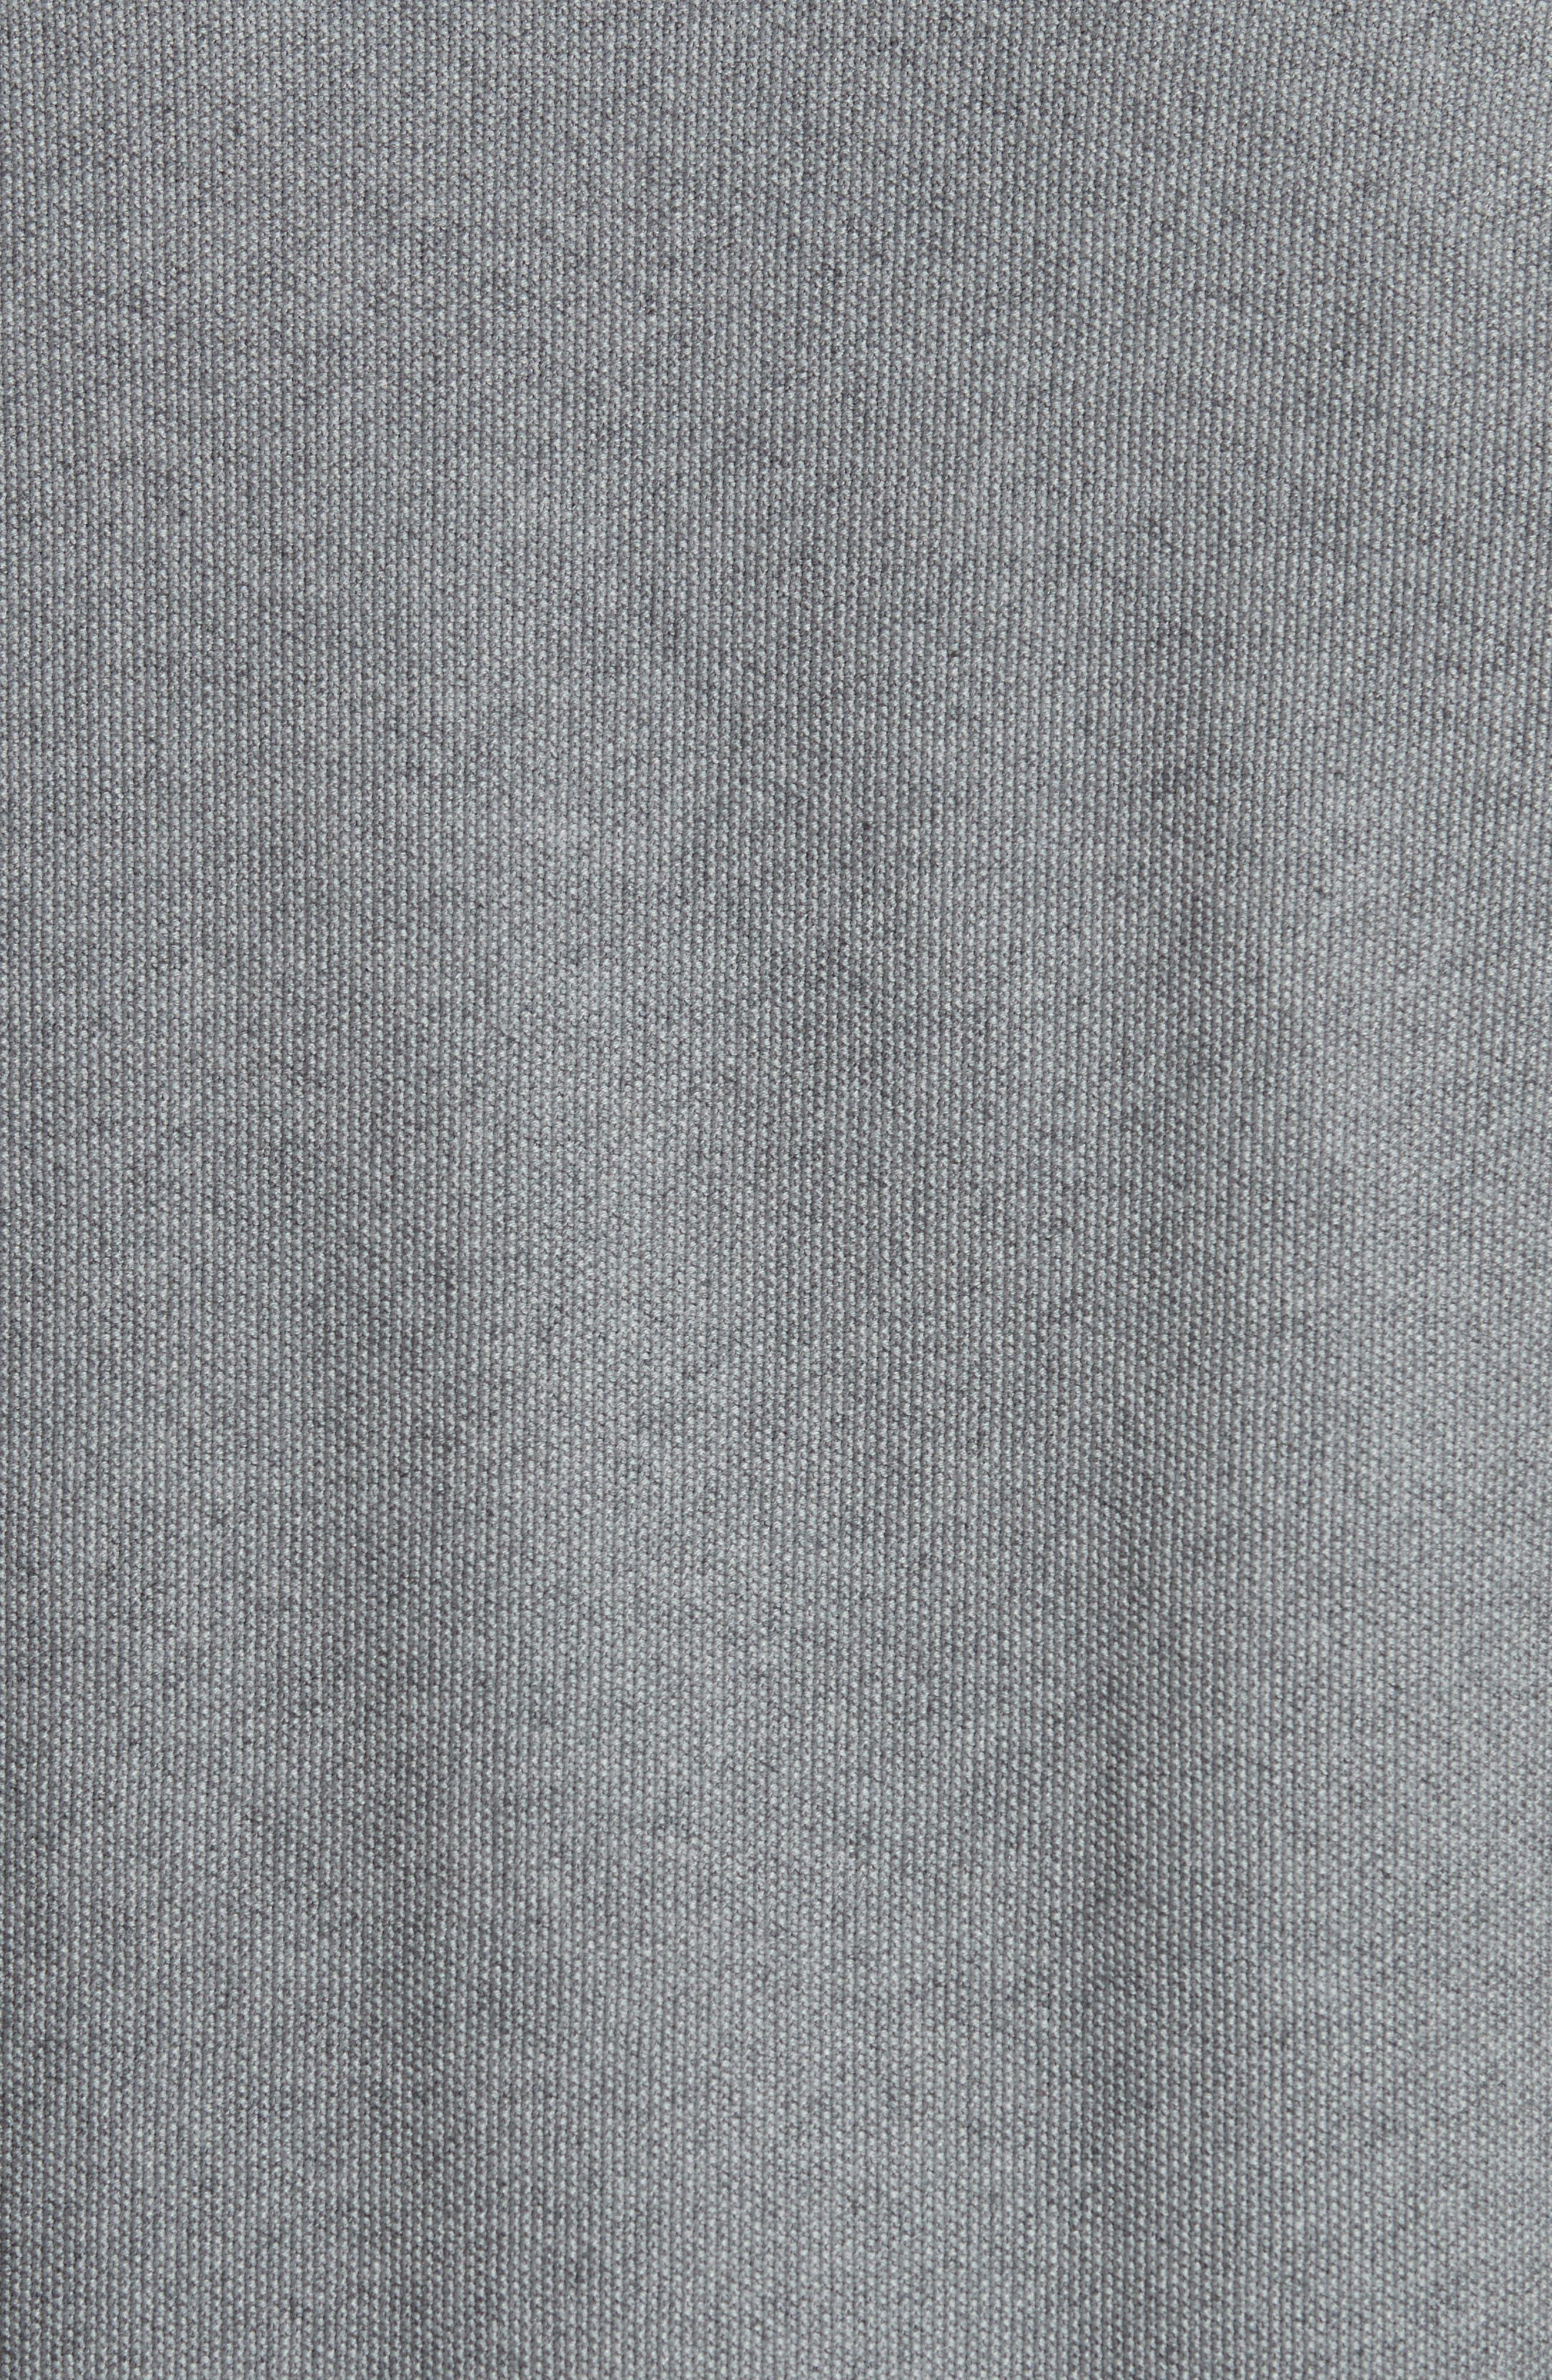 Cotton & Cashmere Sweater,                             Alternate thumbnail 5, color,                             060